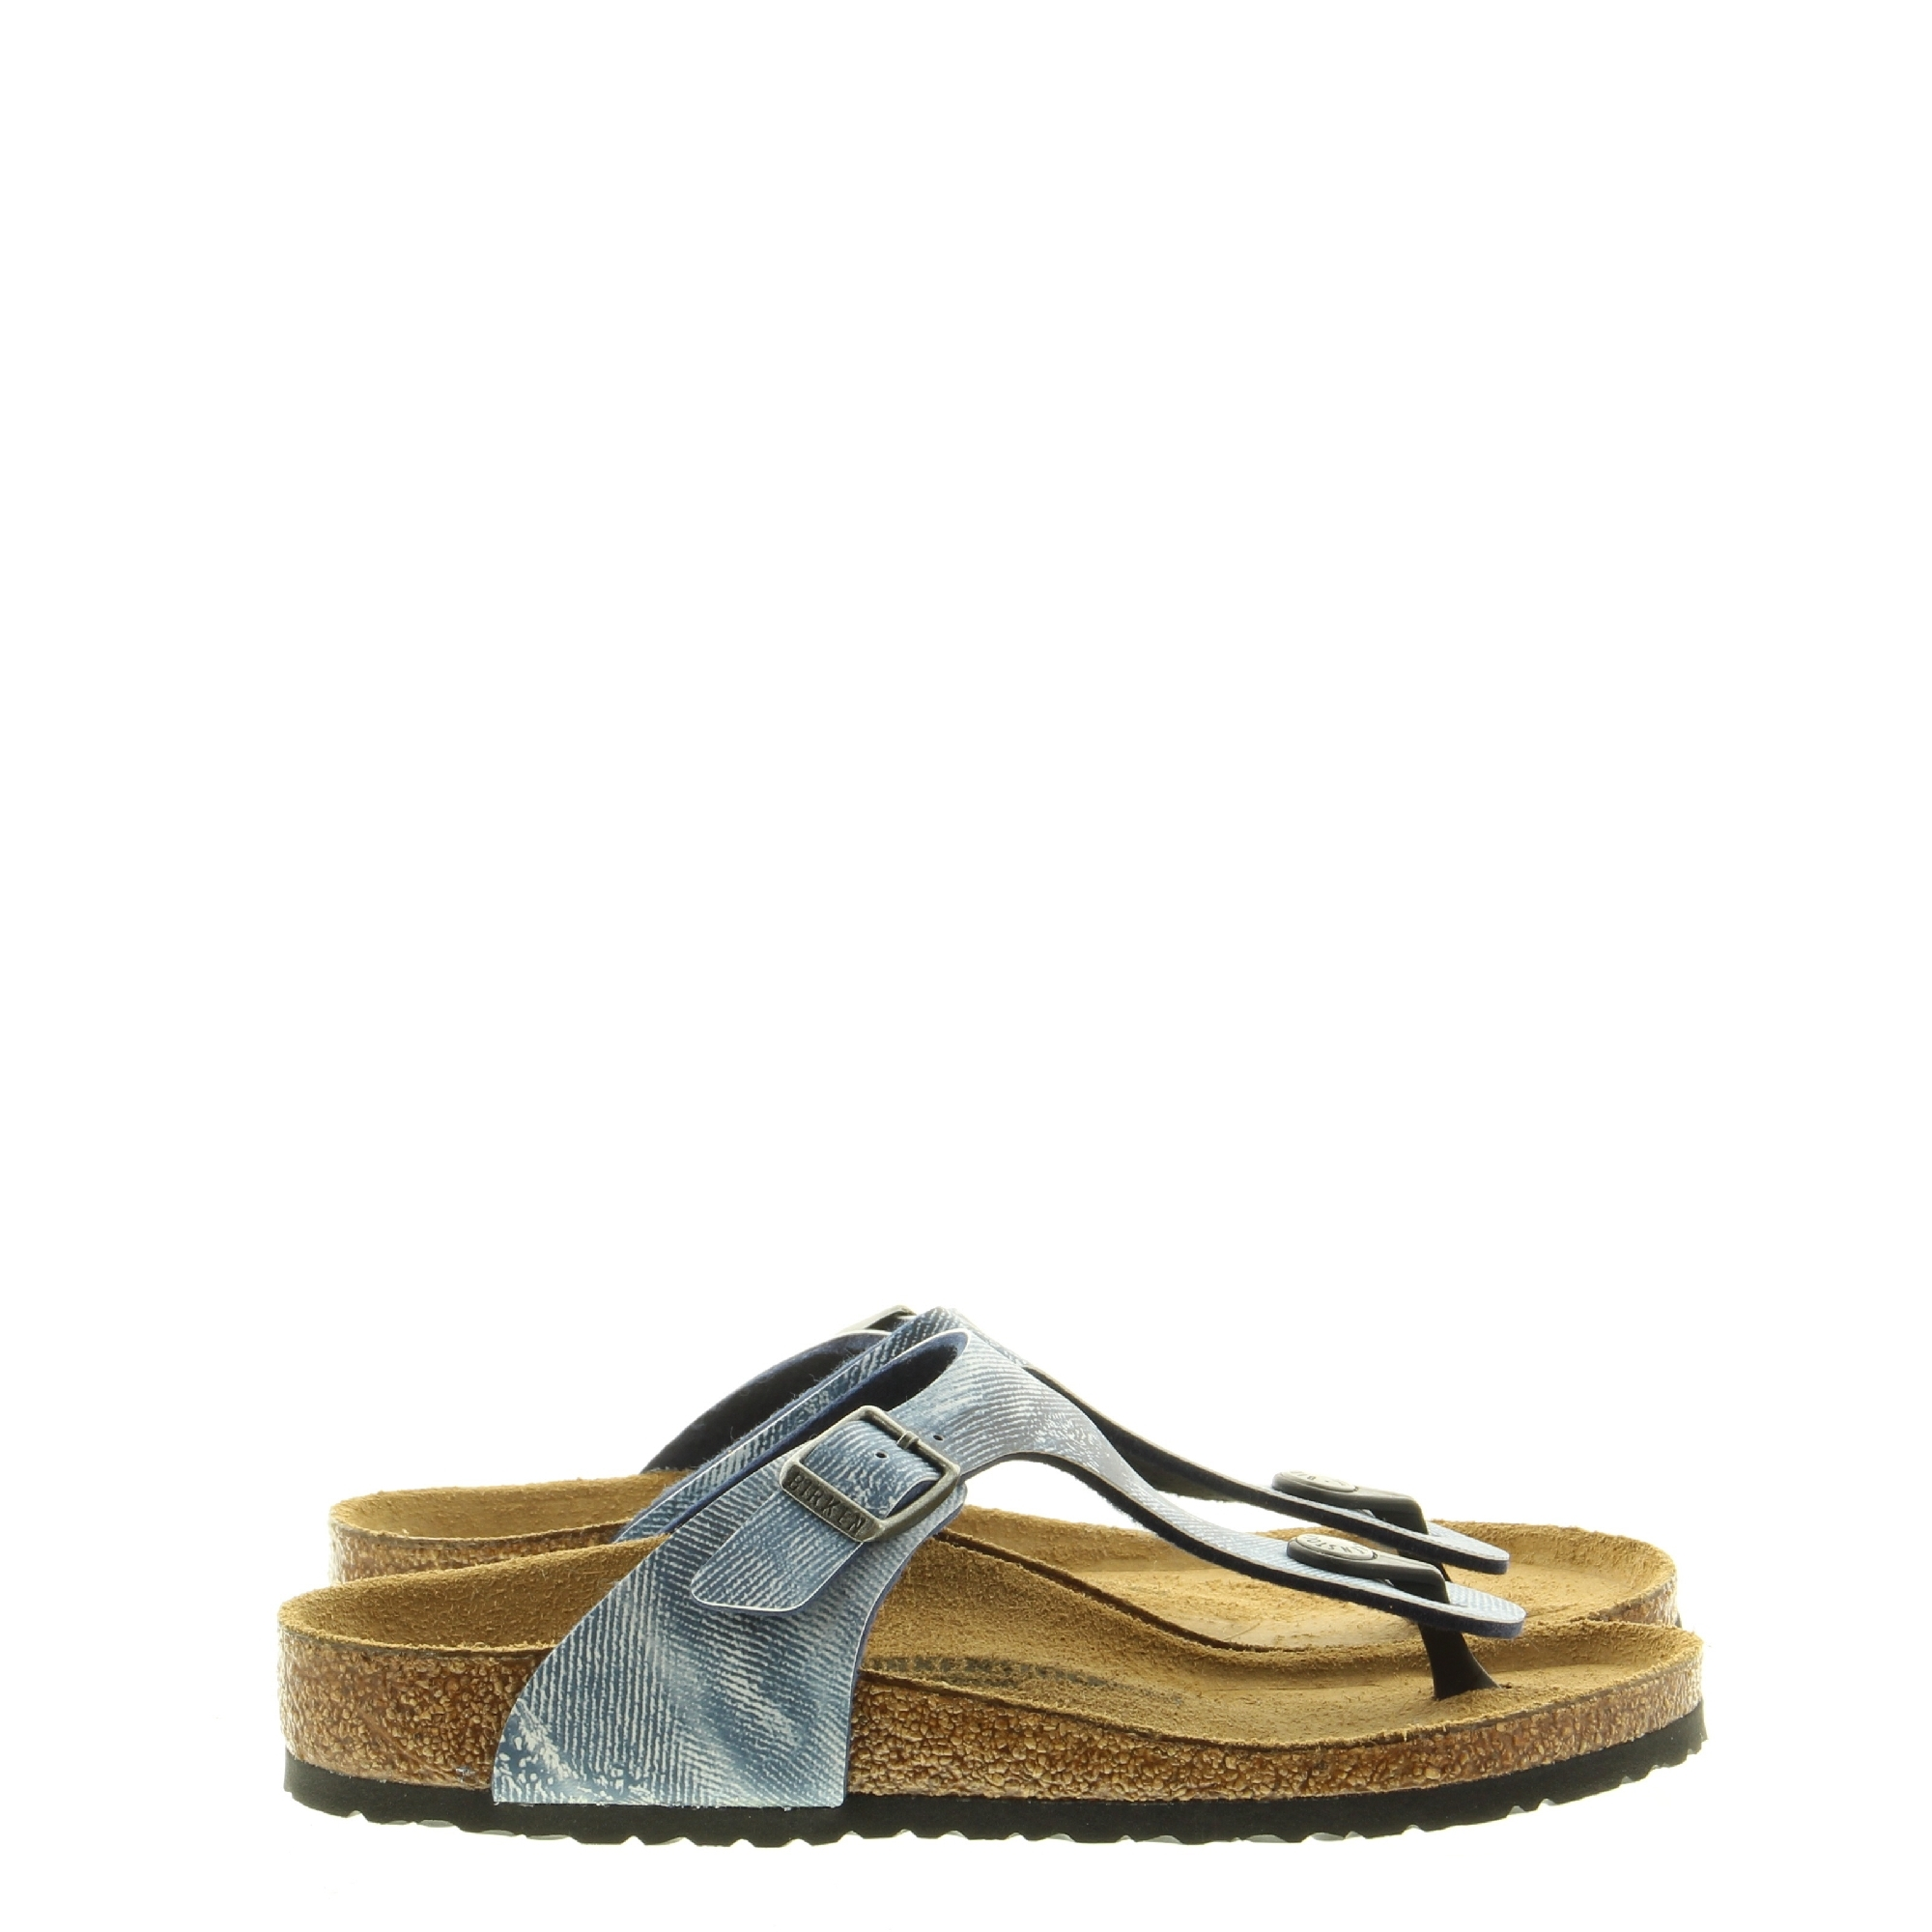 Birkenstock 1014891 Gizeh Used Jeans Blue